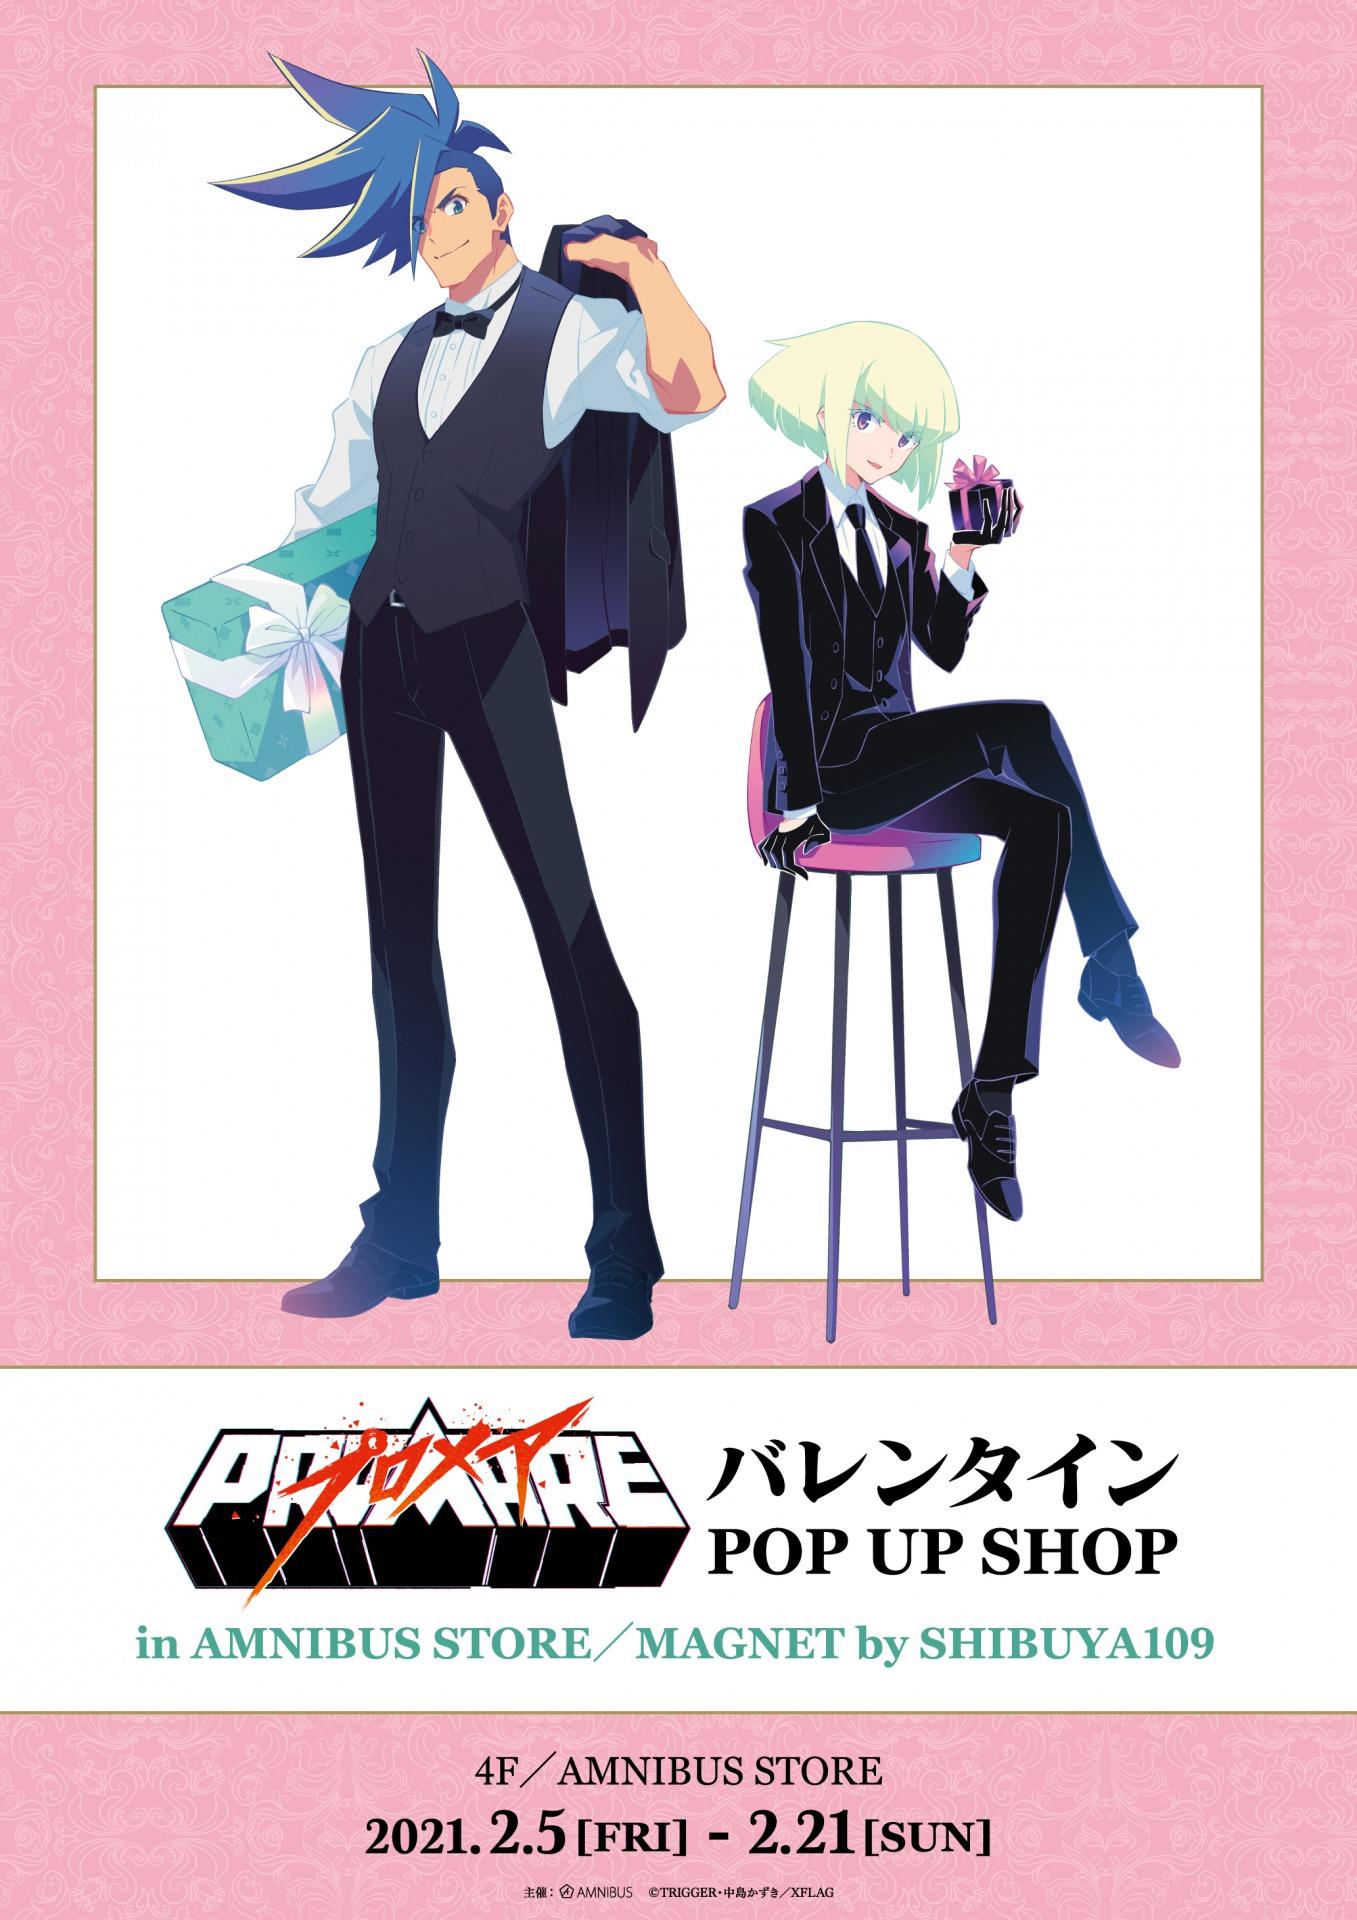 映画「プロメア」バレンタインイベントが「SHIBUYA109」にて開催決定!